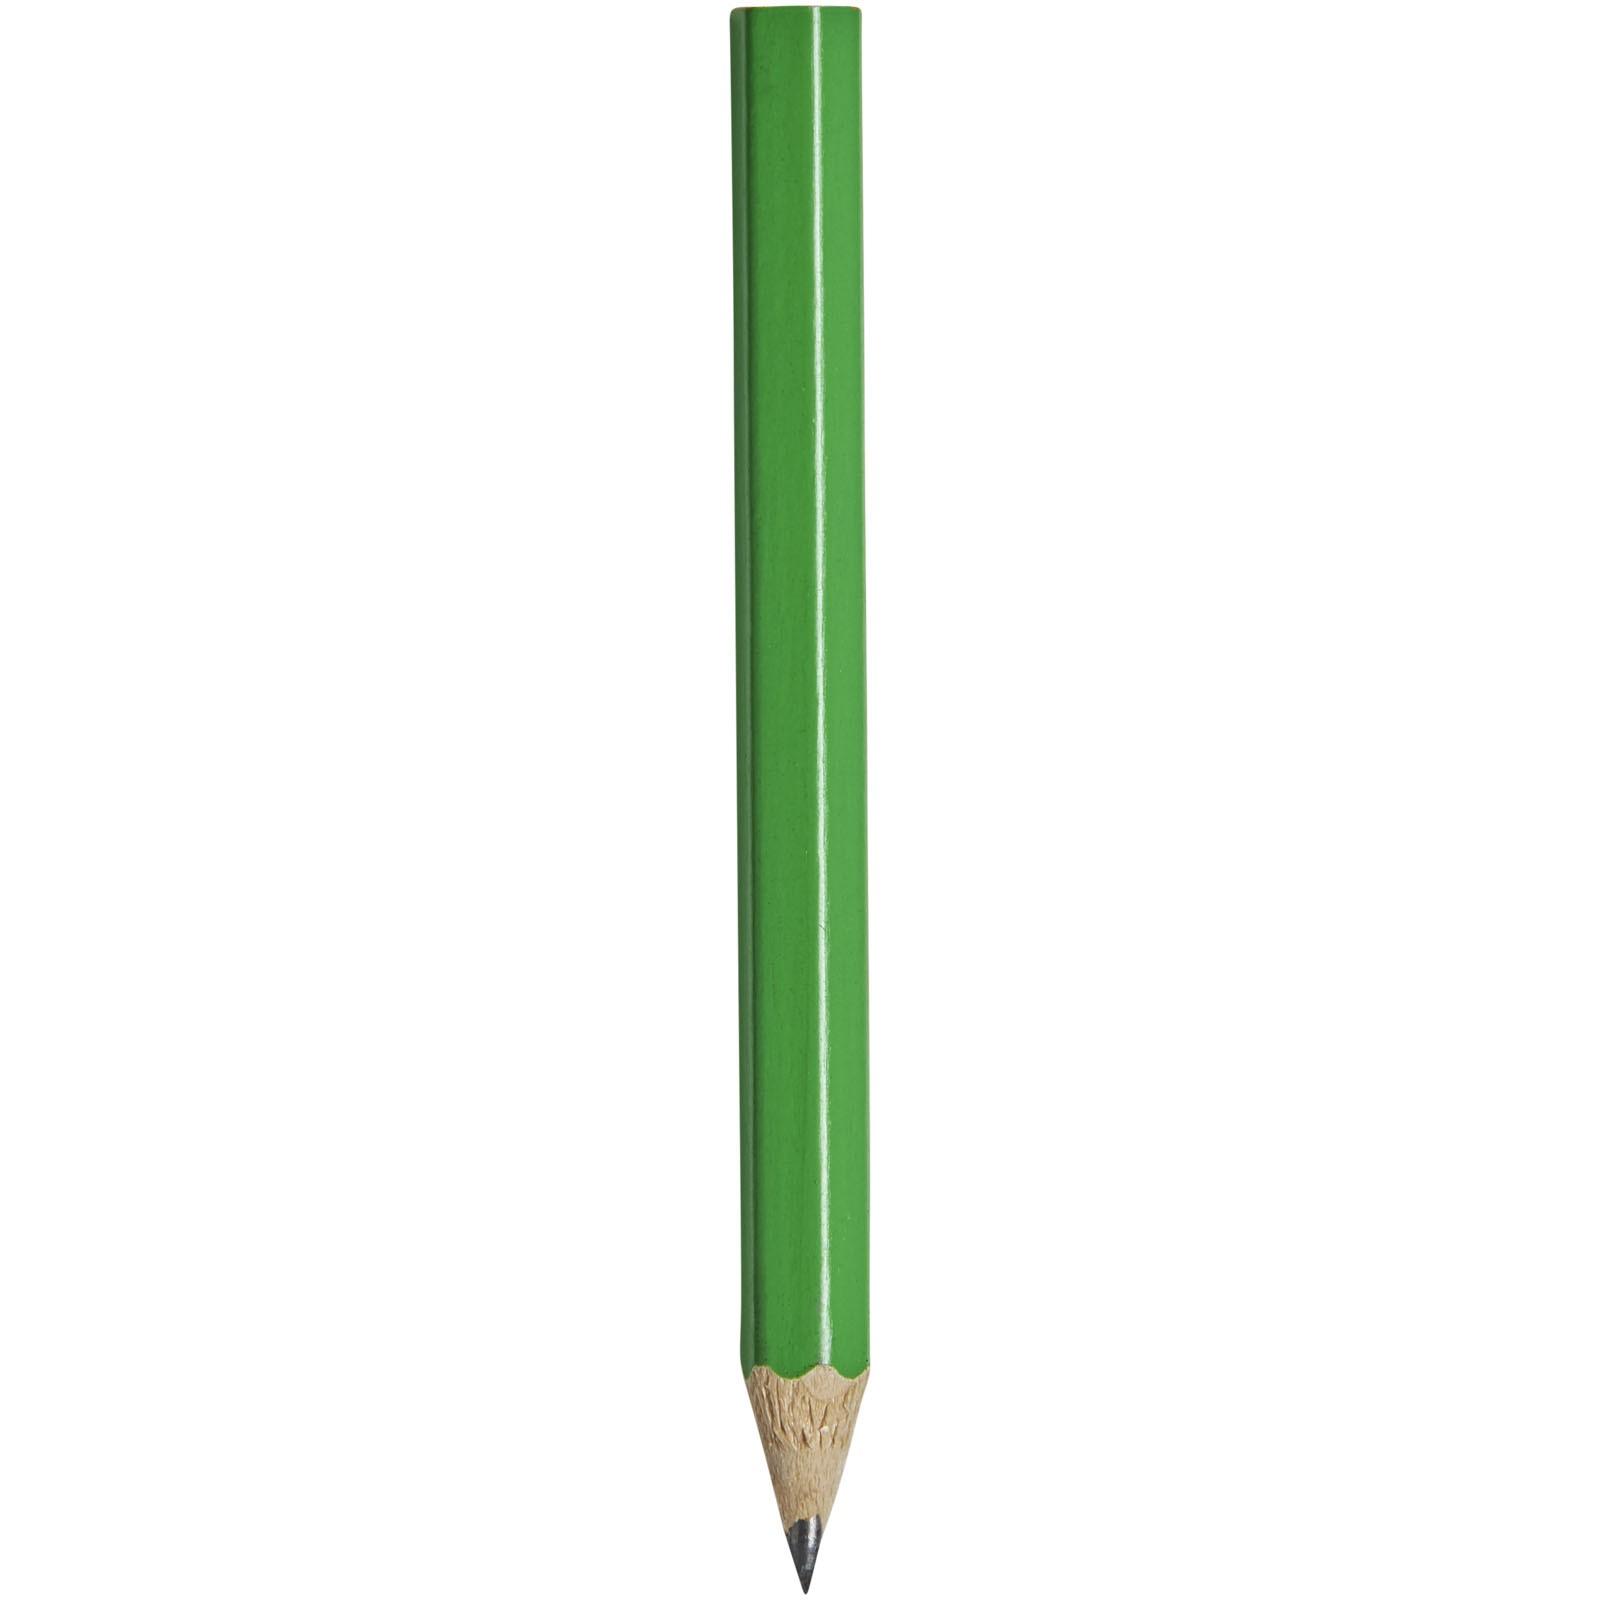 Minitužka s barevným tělem Cosimo - Zelená